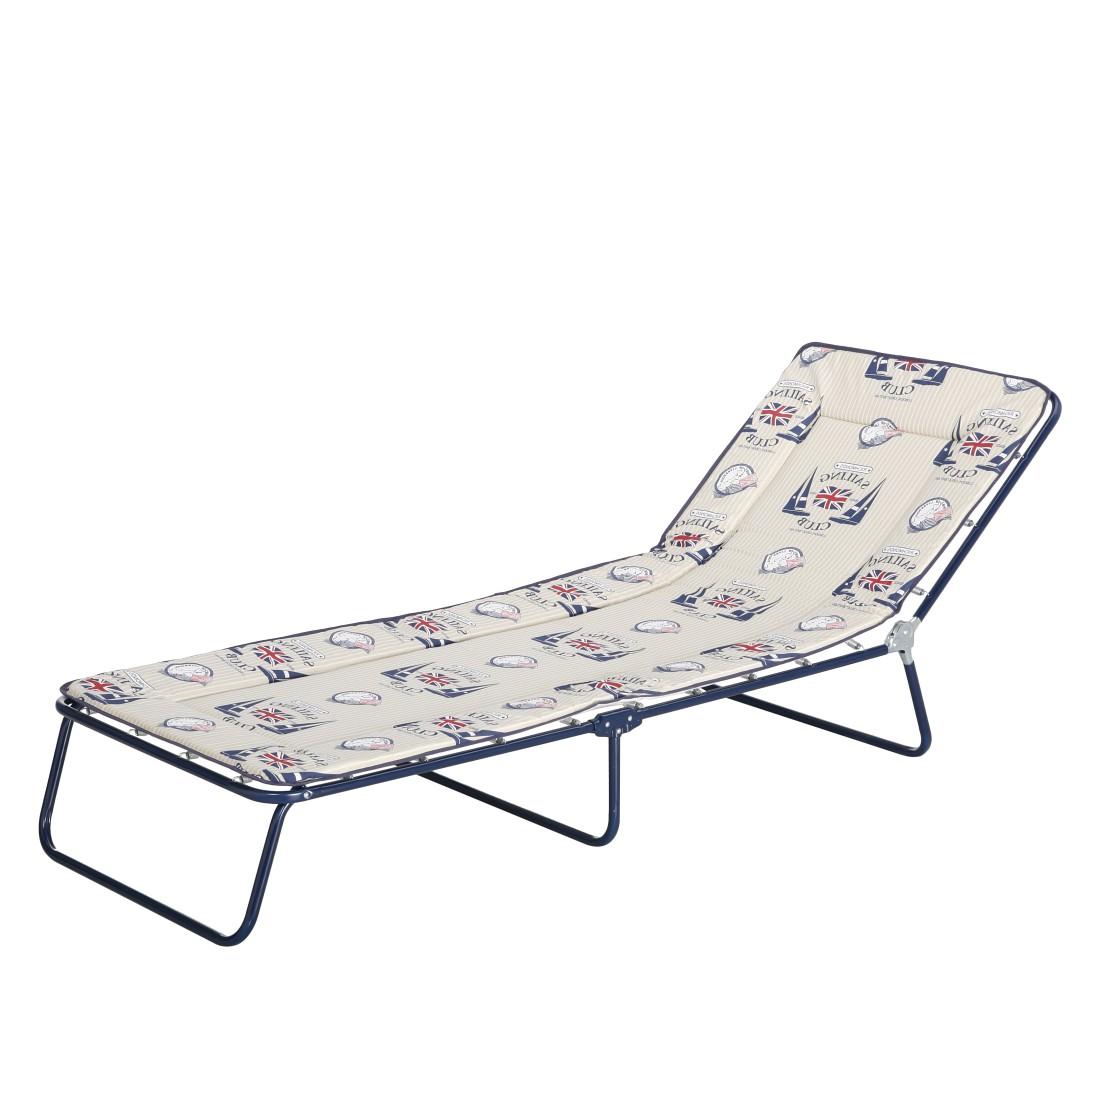 Gartenliege Chiemsee 3-Bein (inkl. Polsterauflage) - Stahlrohr/Textil - Blau/Blau-Beige Motive, Best Freizeitmöbel